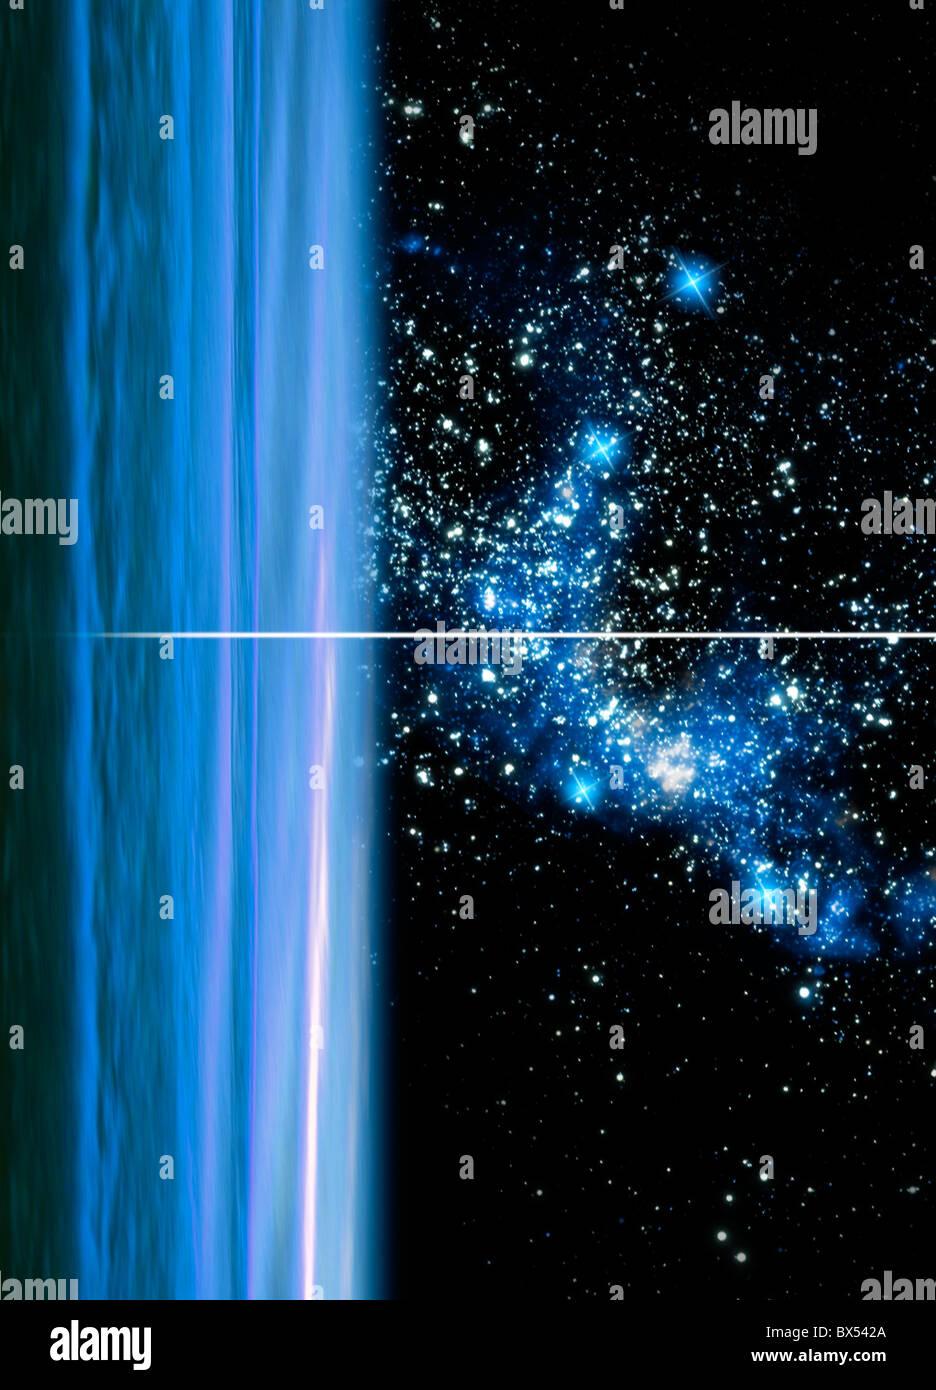 Urano y cúmulo de estrellas, ilustraciones Imagen De Stock